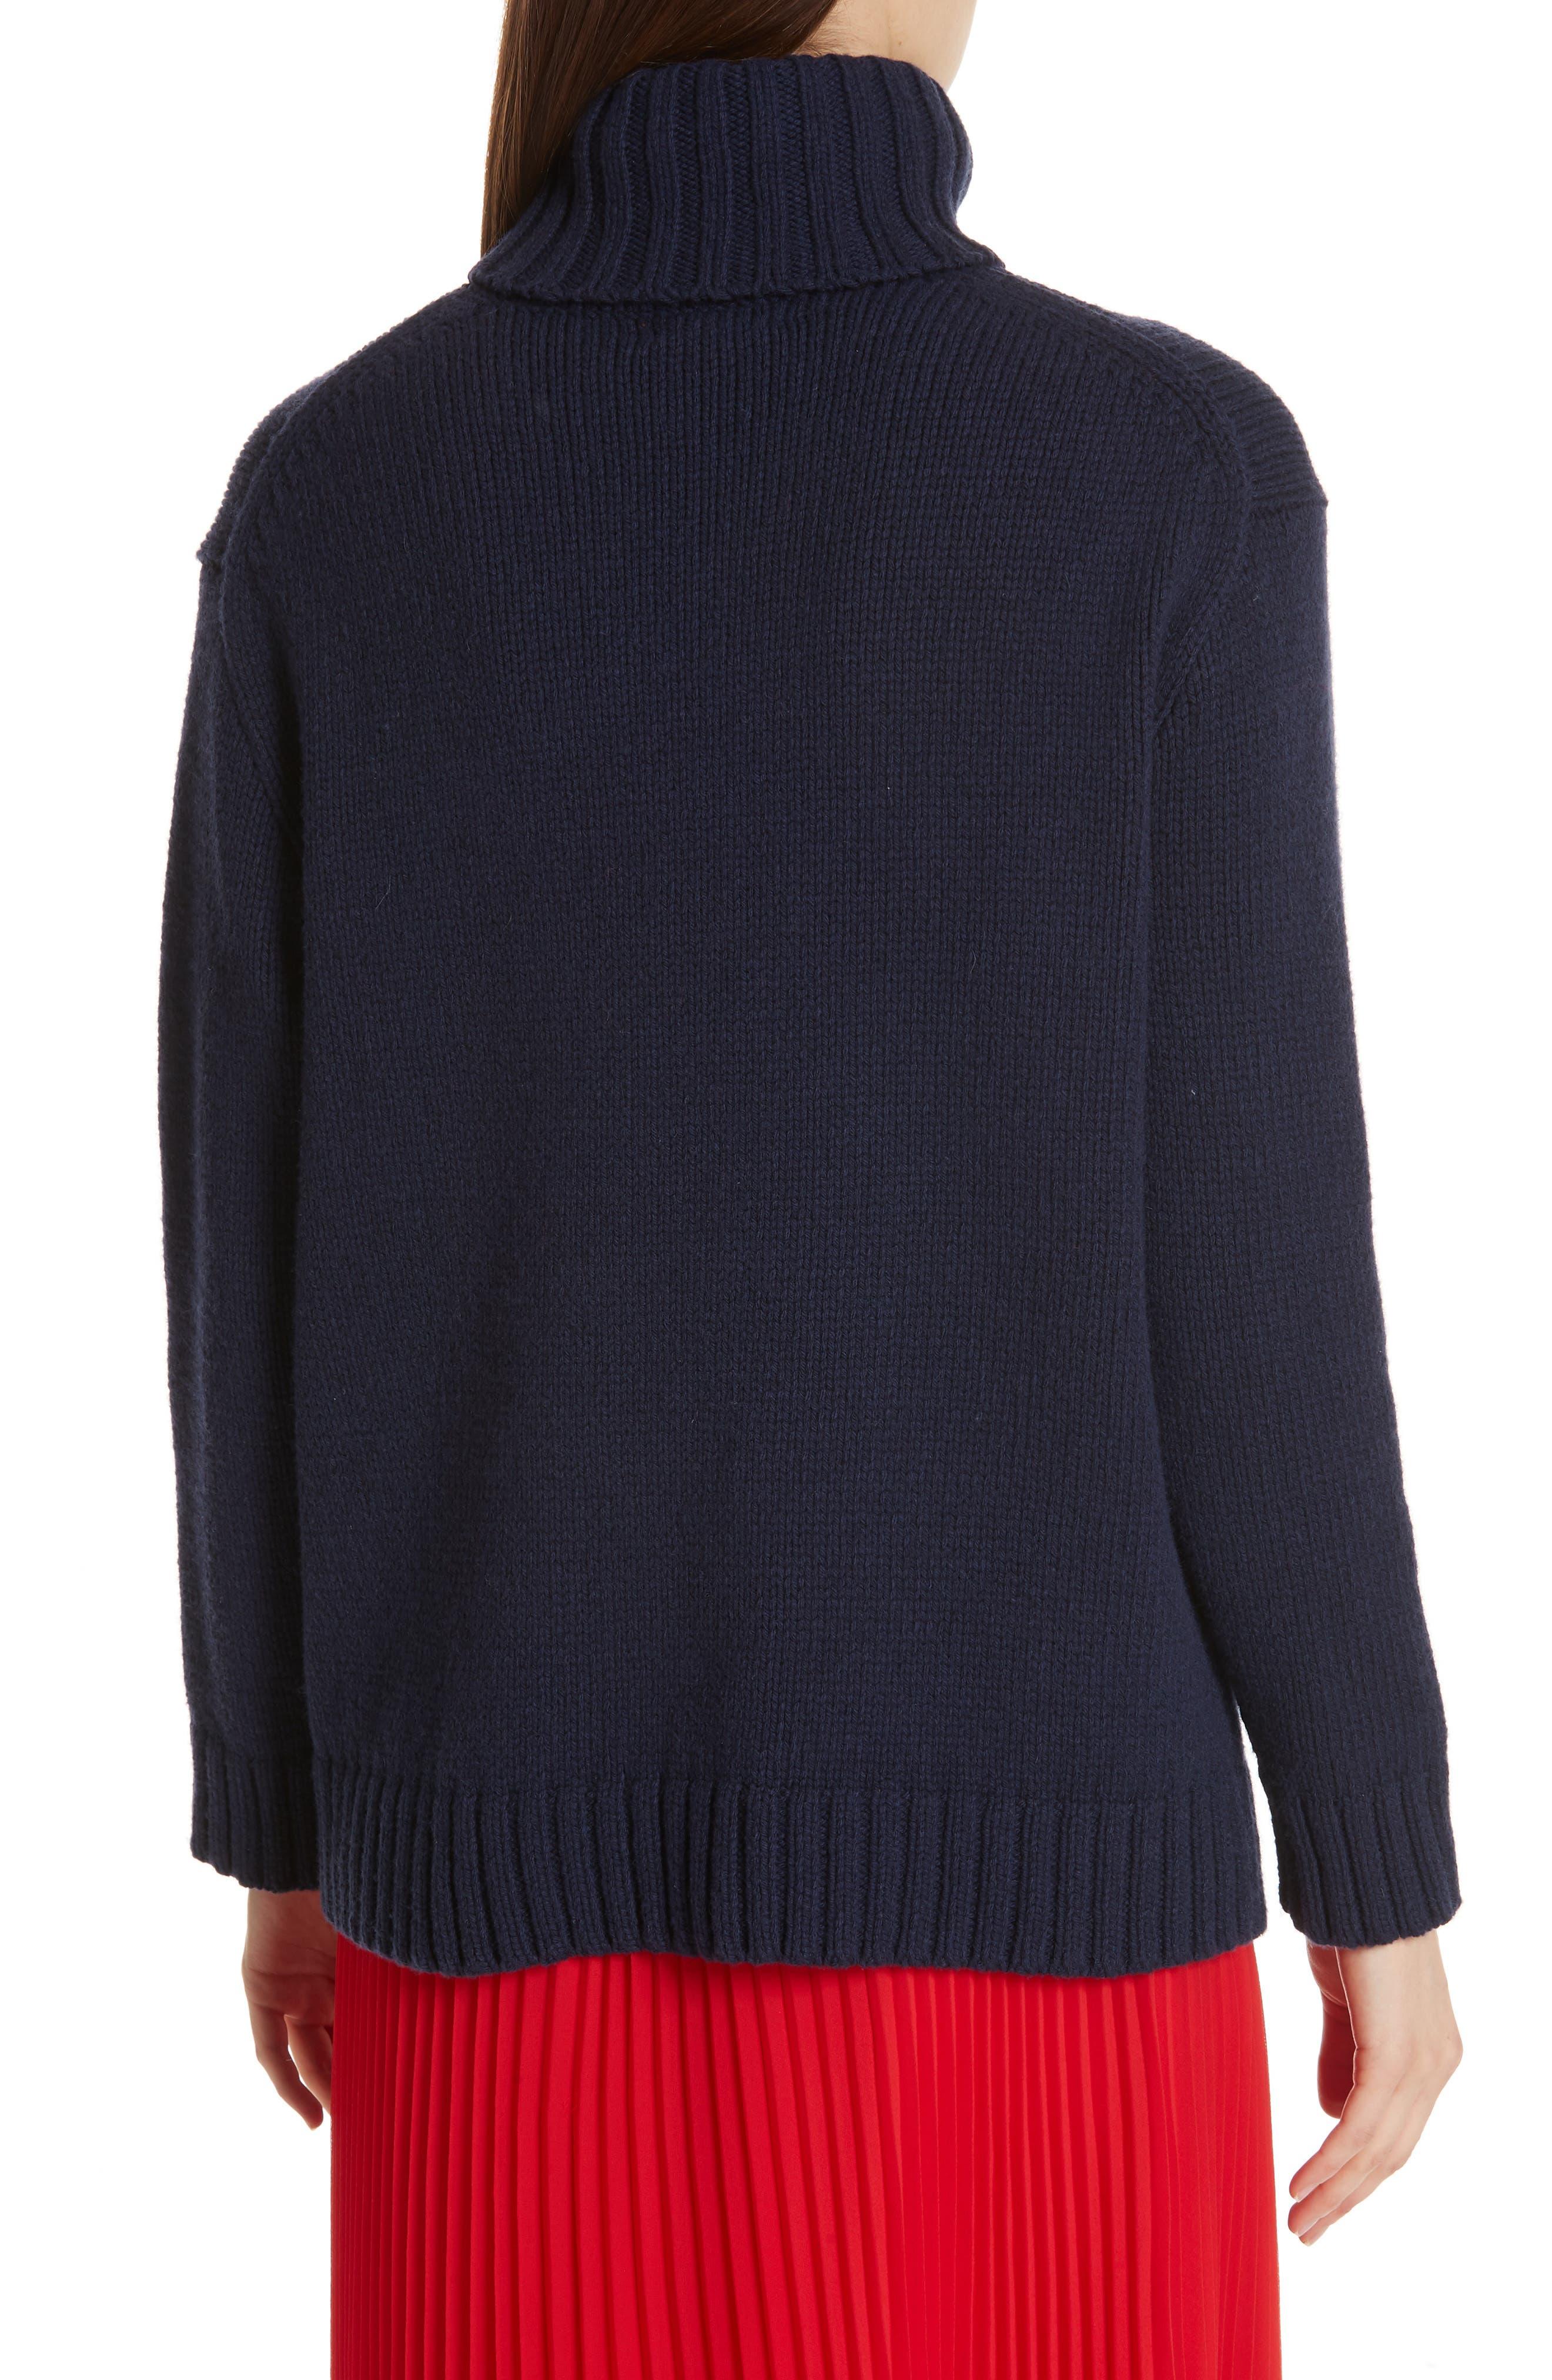 Fringe Flag Wool Sweater,                             Alternate thumbnail 2, color,                             NAVY MULTI